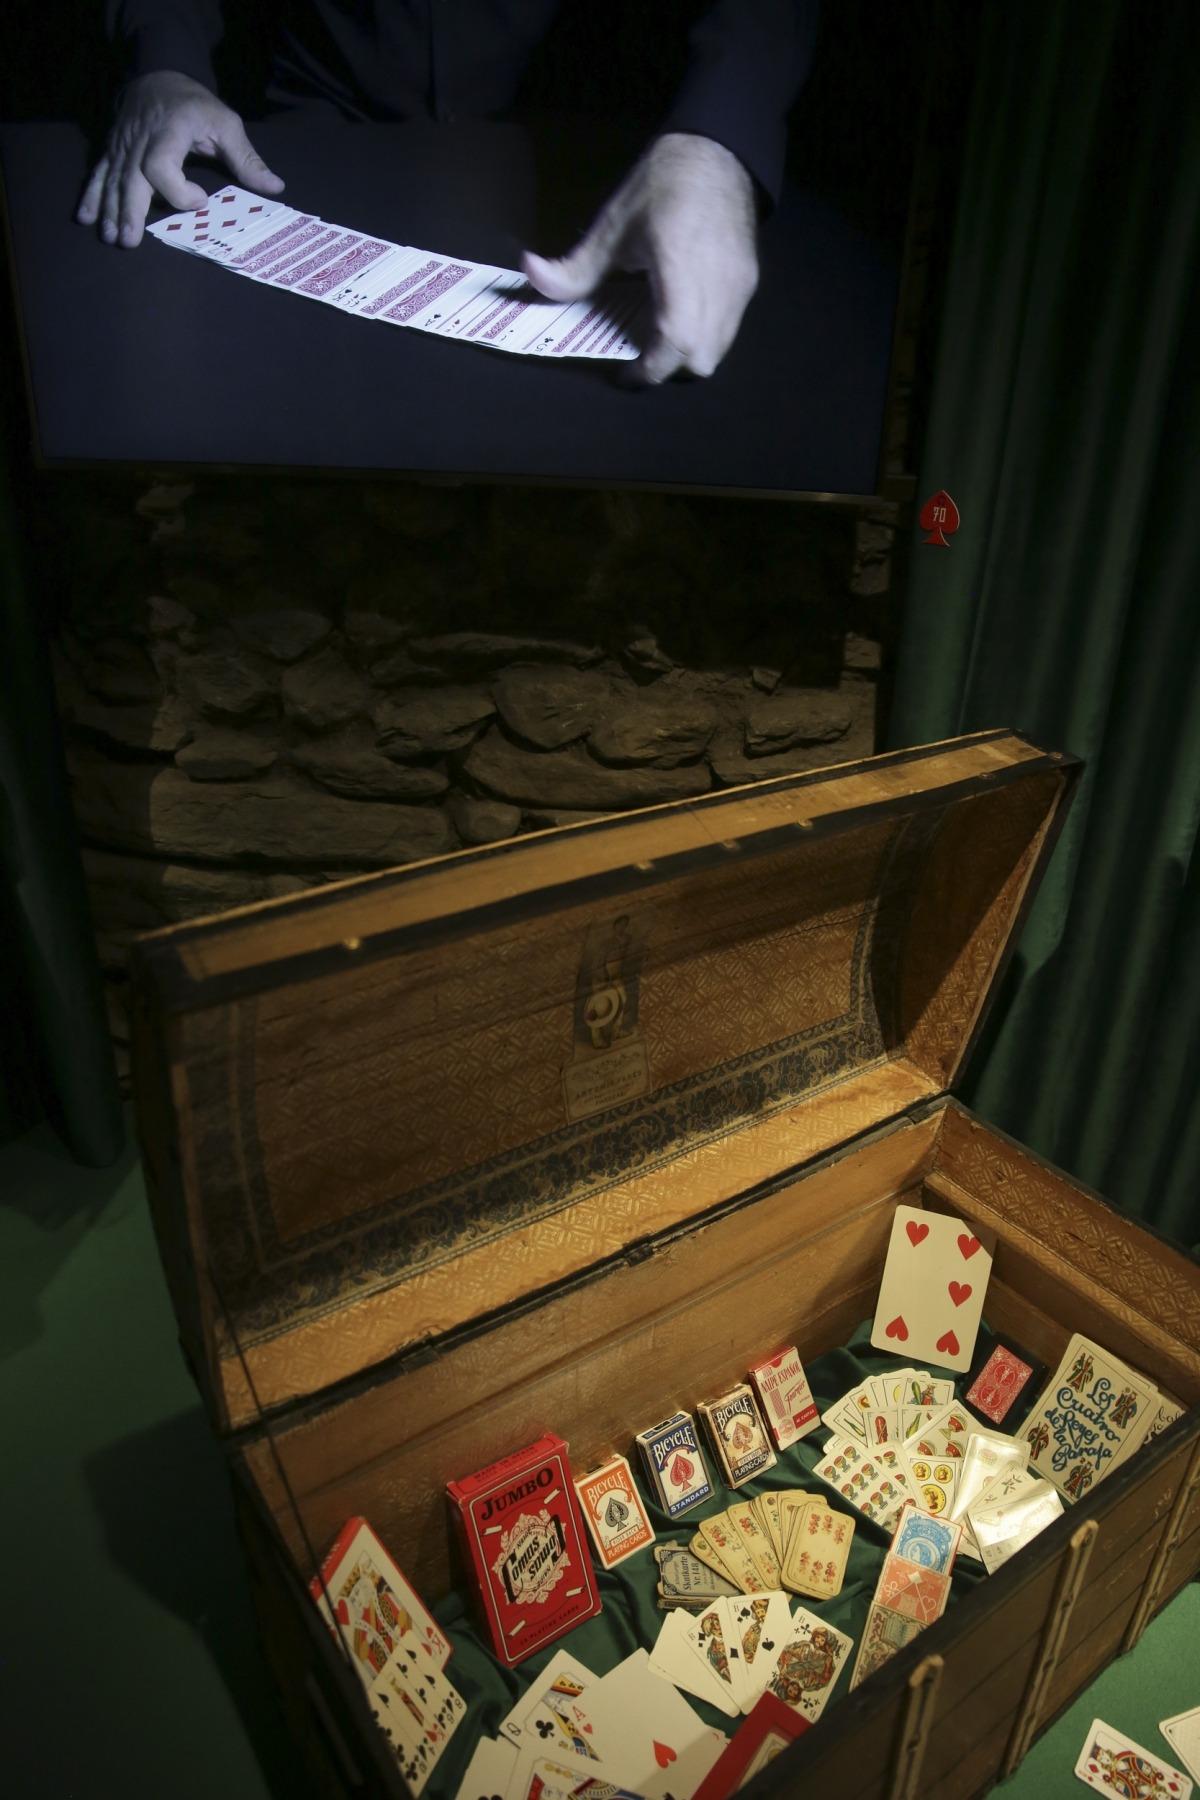 Col·lecció de jpcs de cartes: n'hi ha d'Heraclio Fournier, Jumbo, Bicycle i Borras.